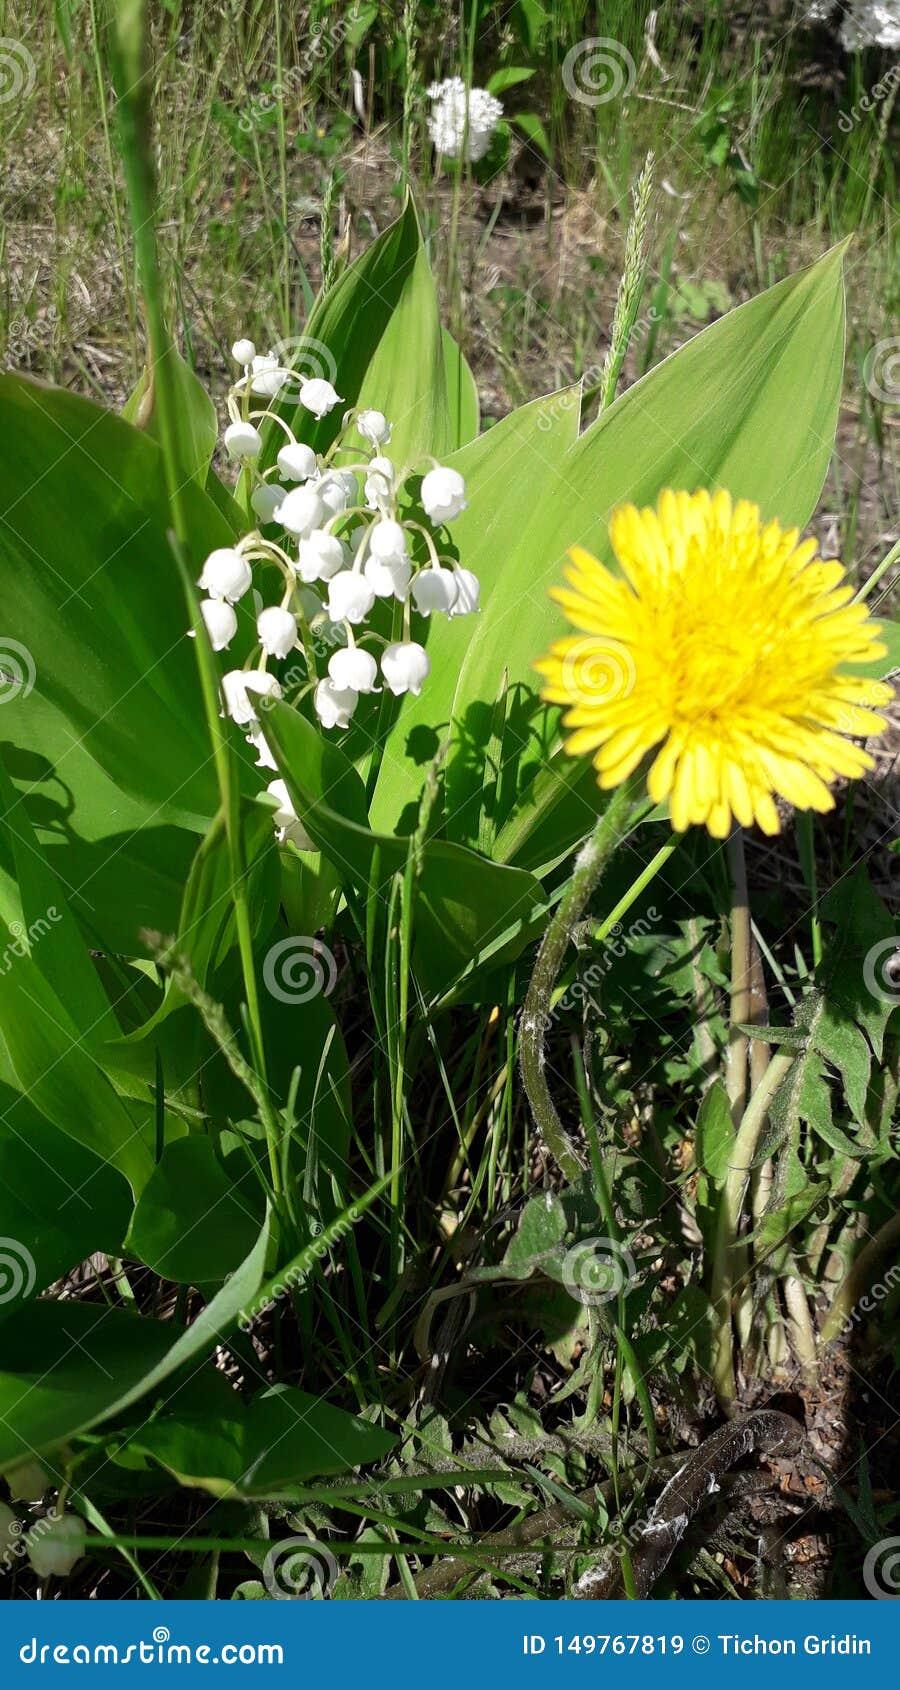 Lirio de los valles blanco y floración amarilla del diente de león cerca